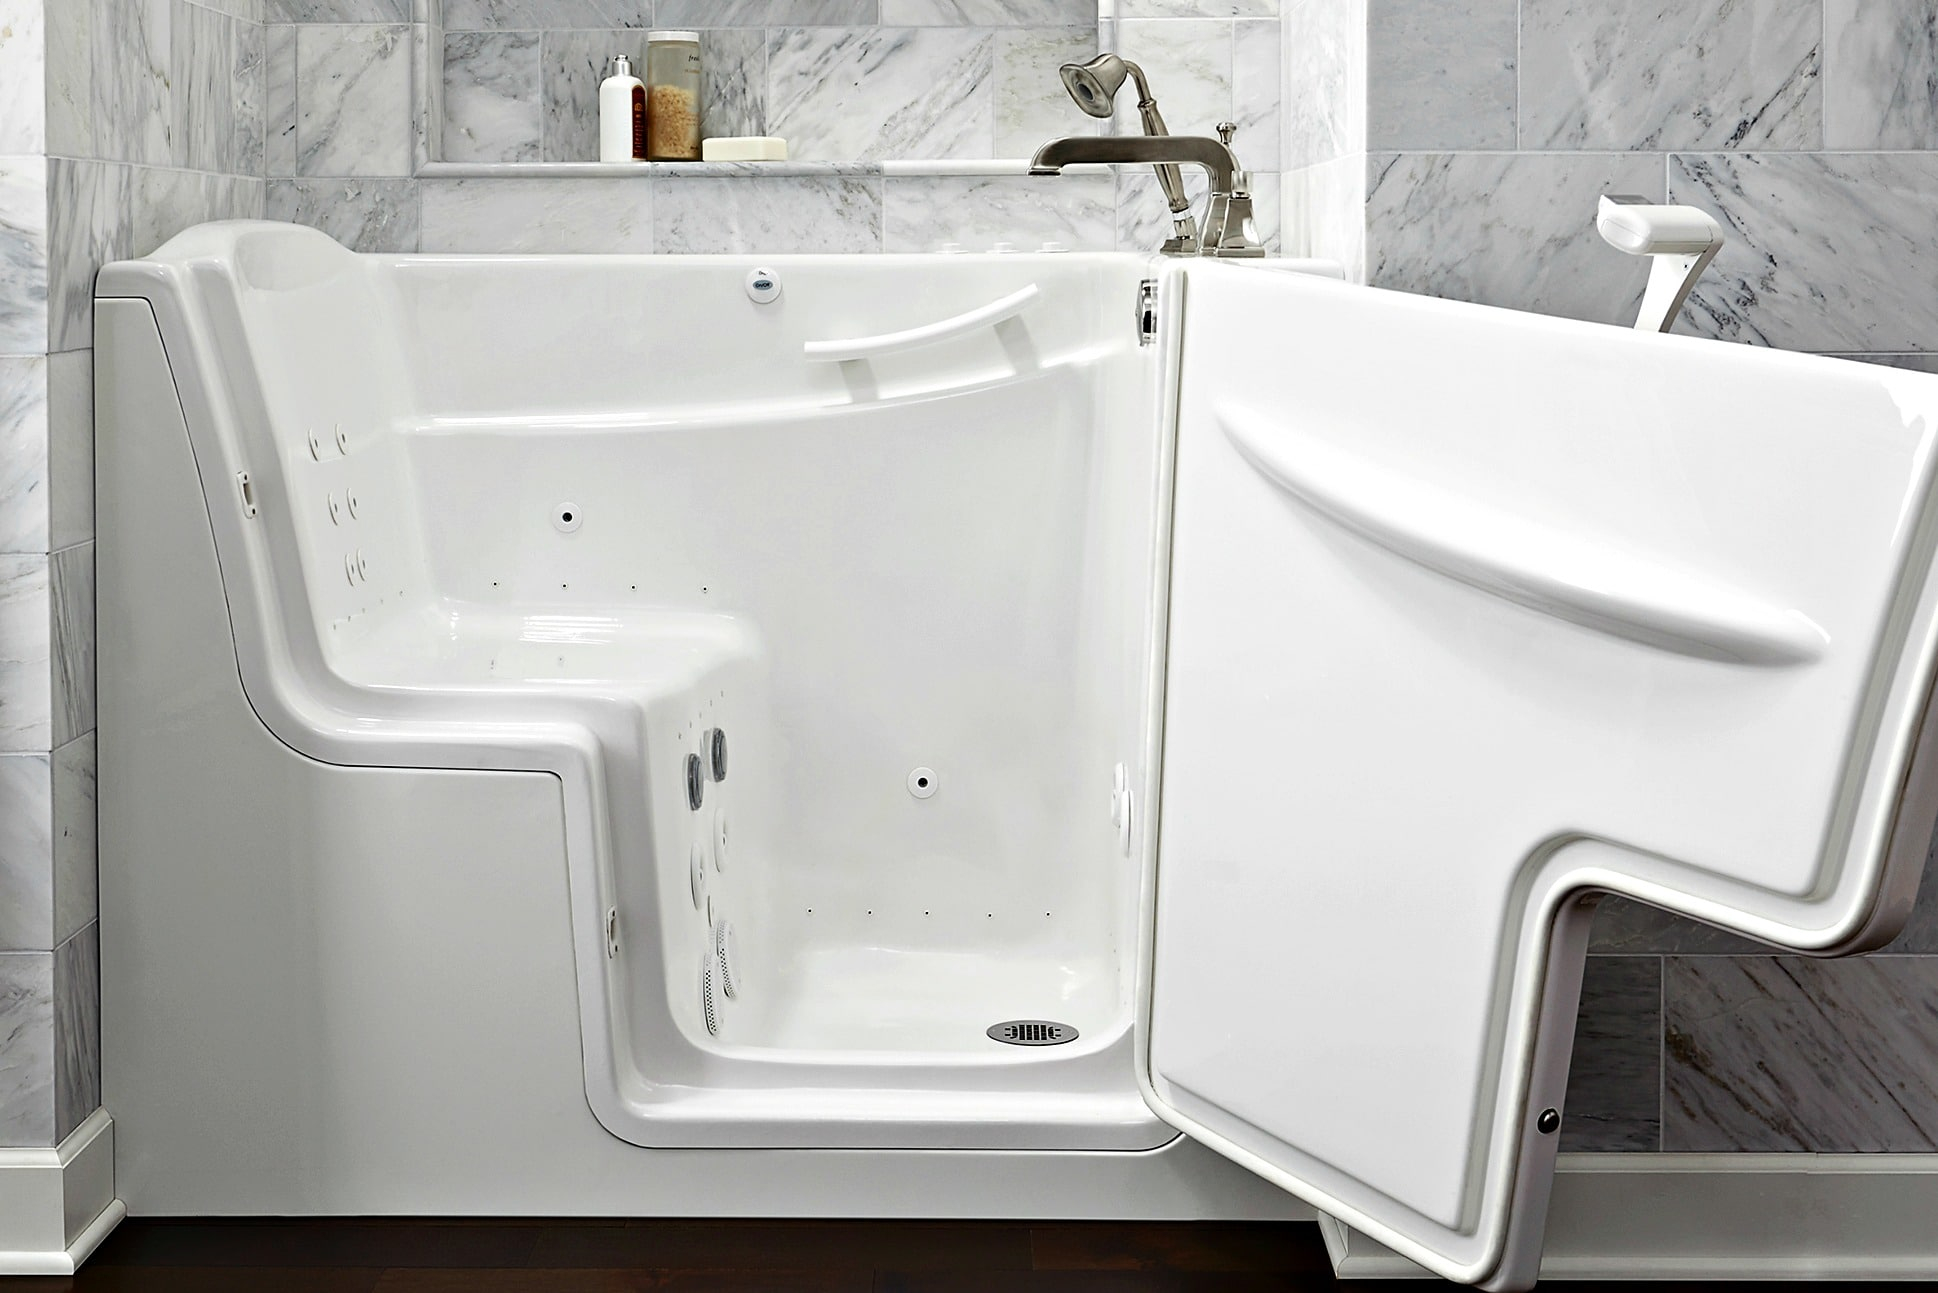 Bath Tub On Legs Kohler